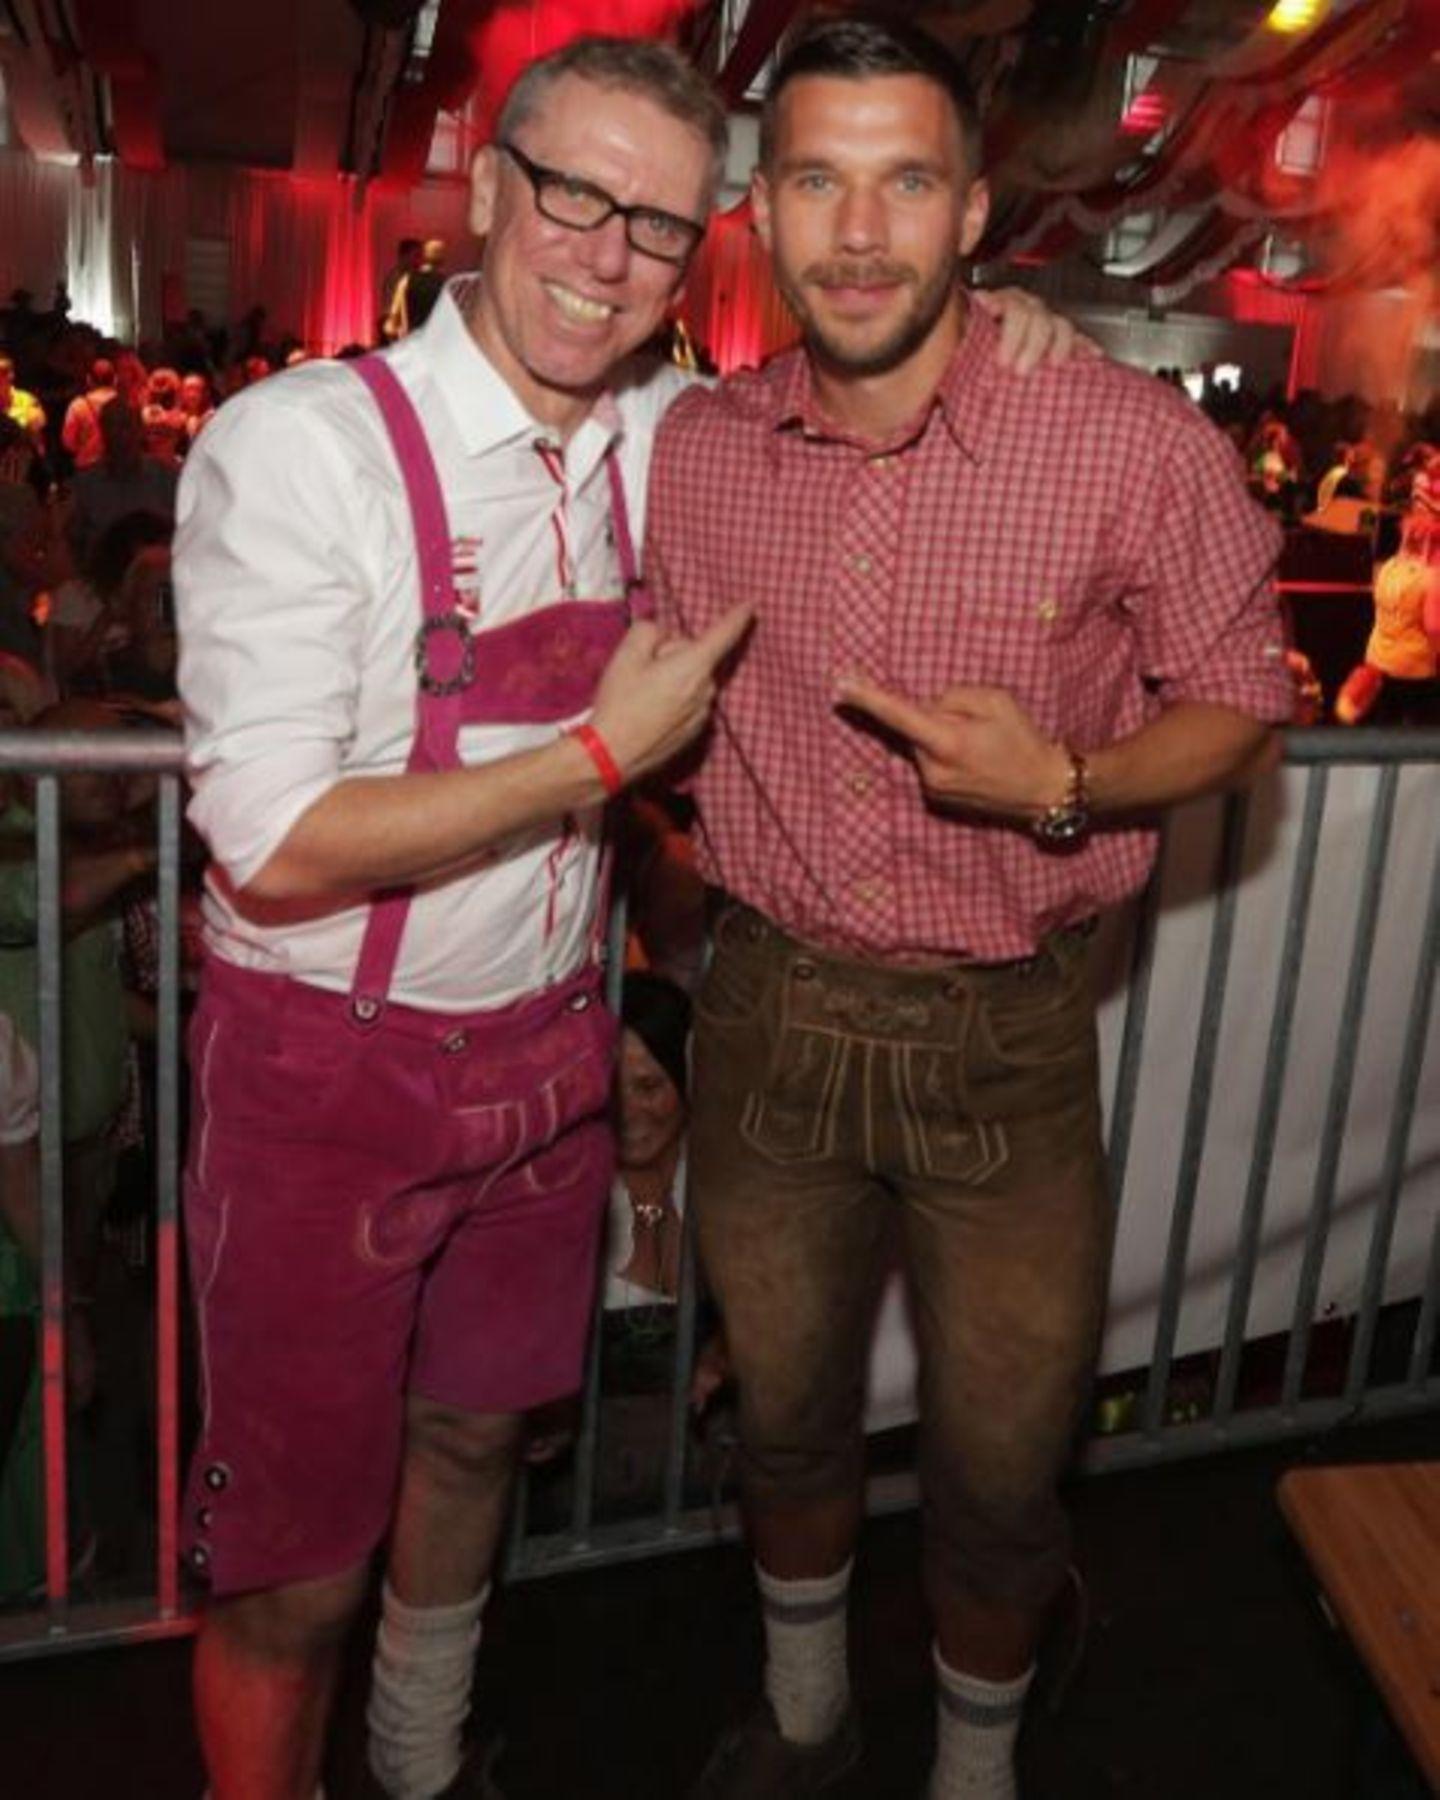 Lukas Podolski posiert mit dem FC-Trainer Peter Stöger, der ganz fesch eine pinke Lederhose trägt.